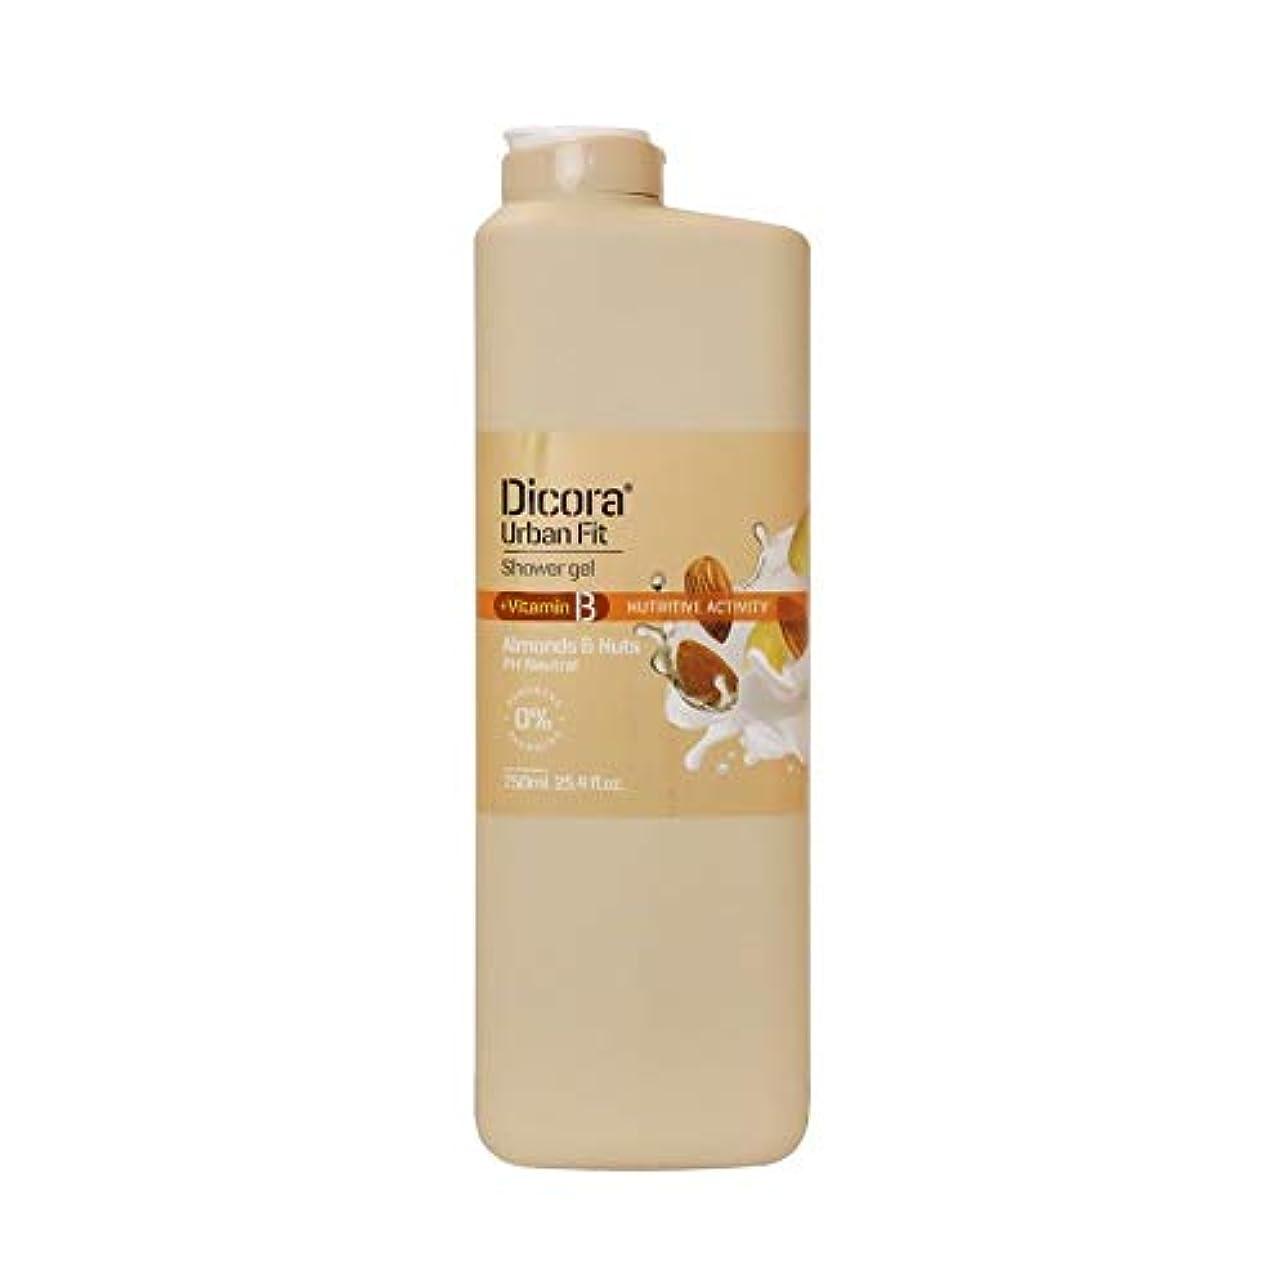 潤滑する系譜首謀者Dicora(ディコラ) ディコラ アーバンフィット シャワージェル MK&ML 400ml ボディソープ アーモンド & ナッツの香り 750ml